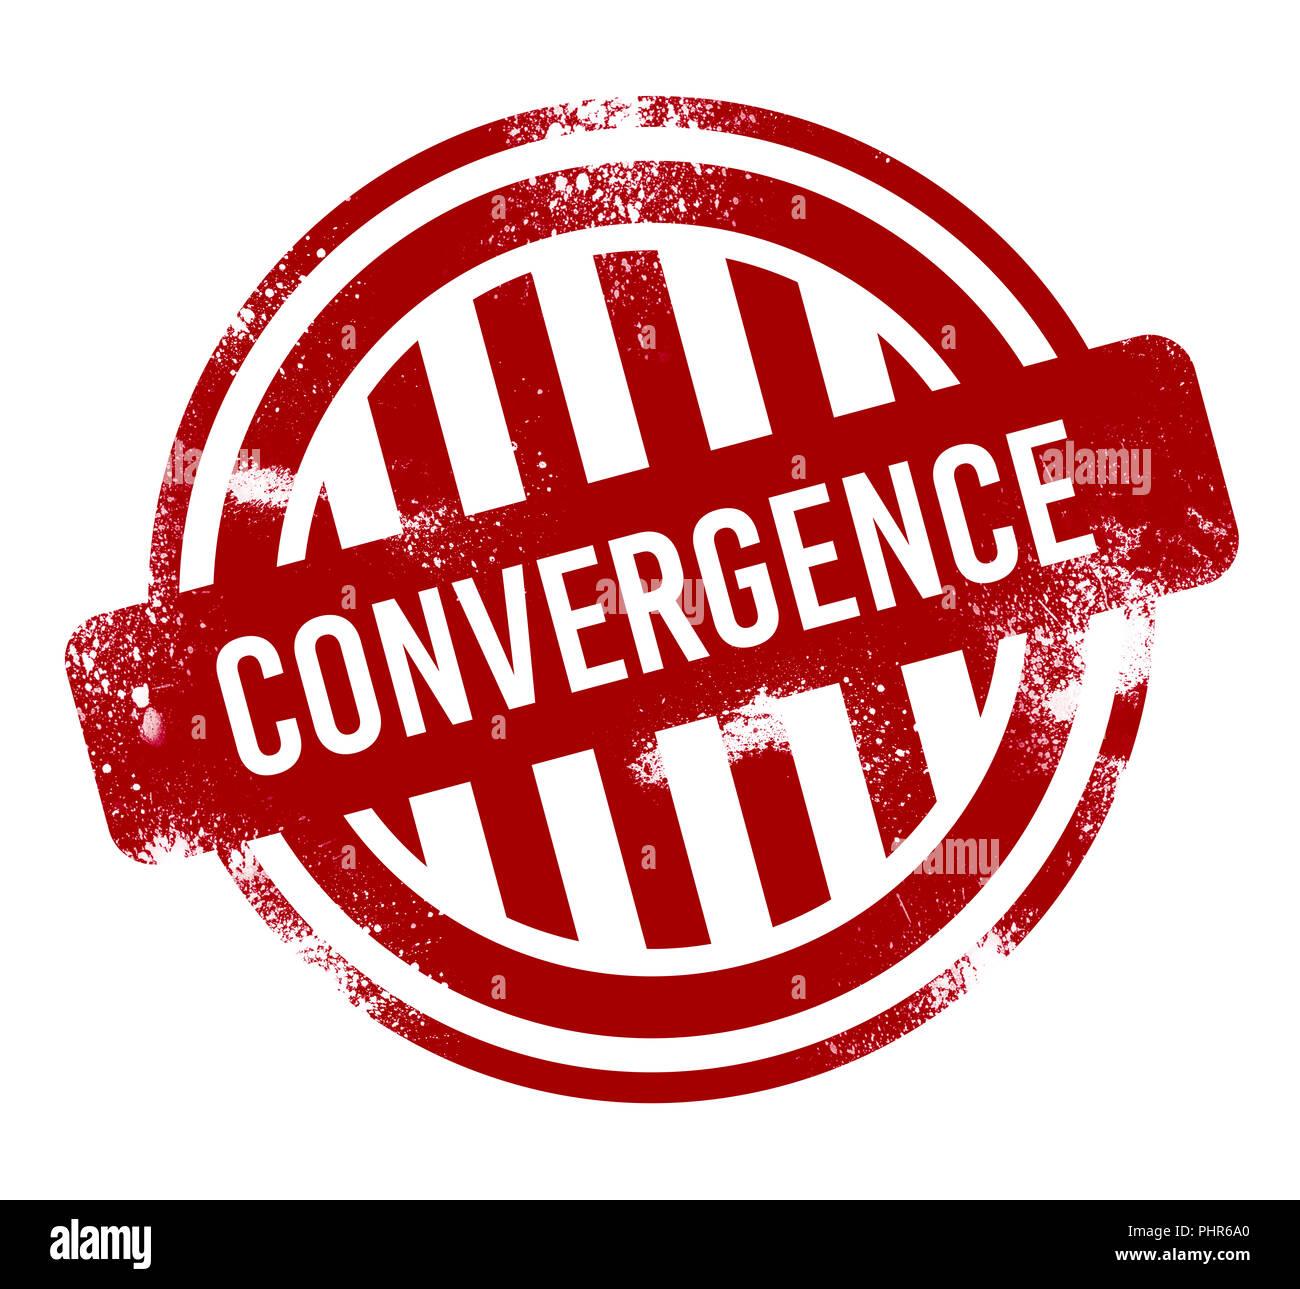 Konvergenz - Rot grunge-Taste, Stempel Stockbild